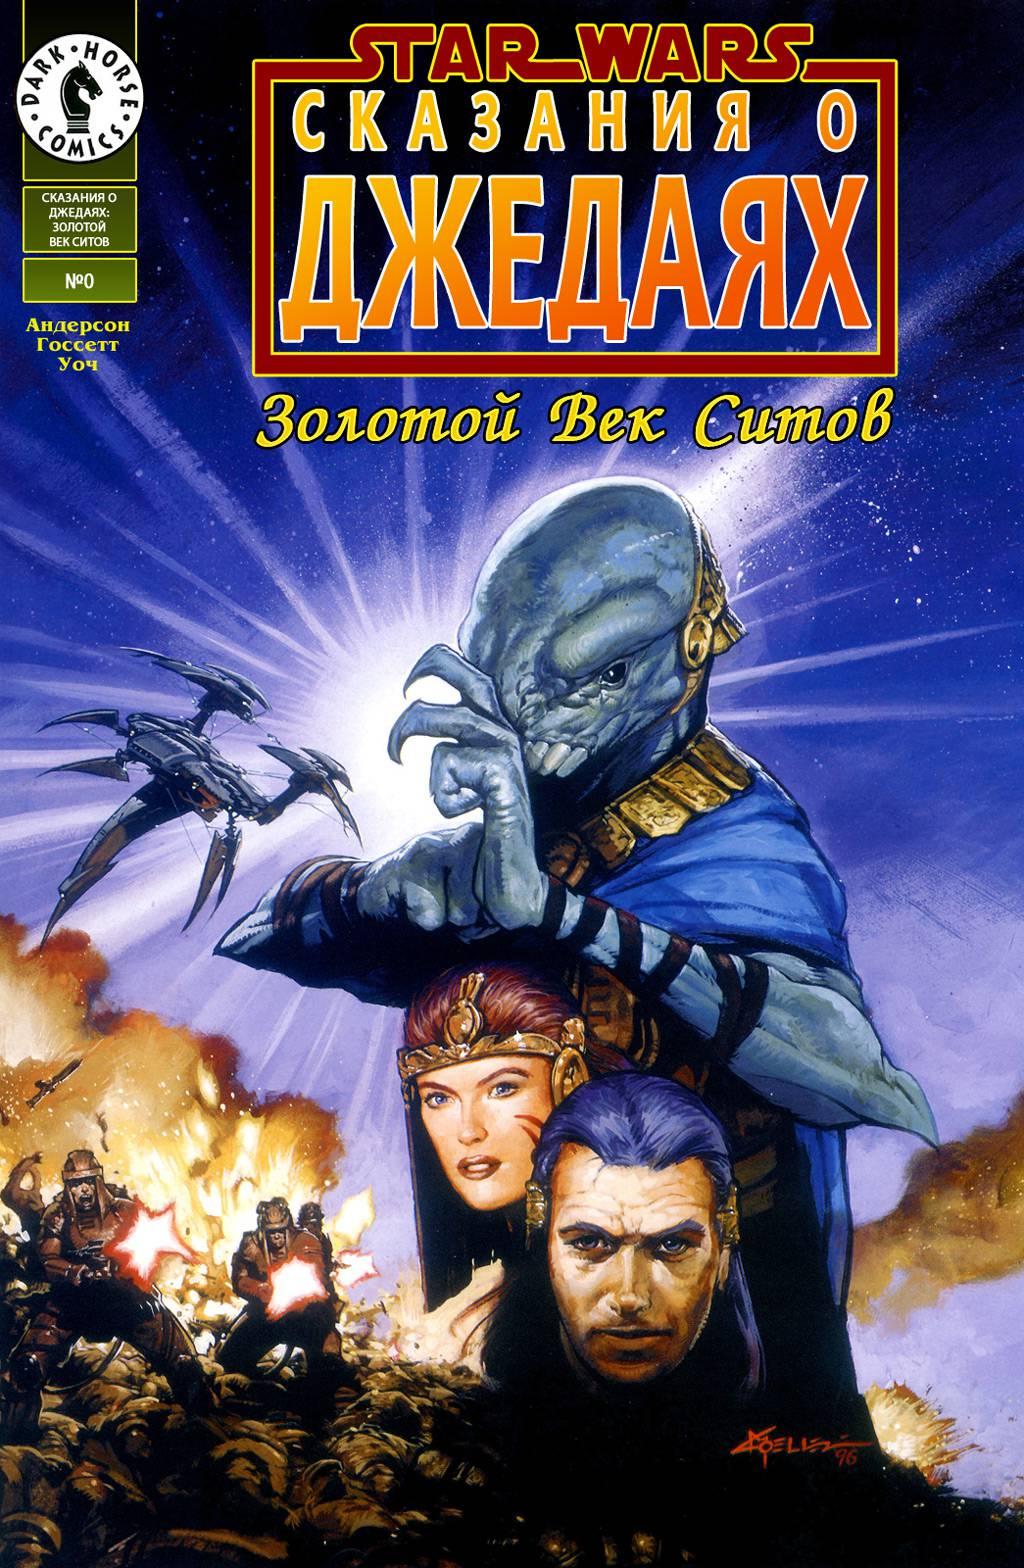 Звездные Войны: Сказания о Джедаях: Золотой Век Ситов №0 онлайн